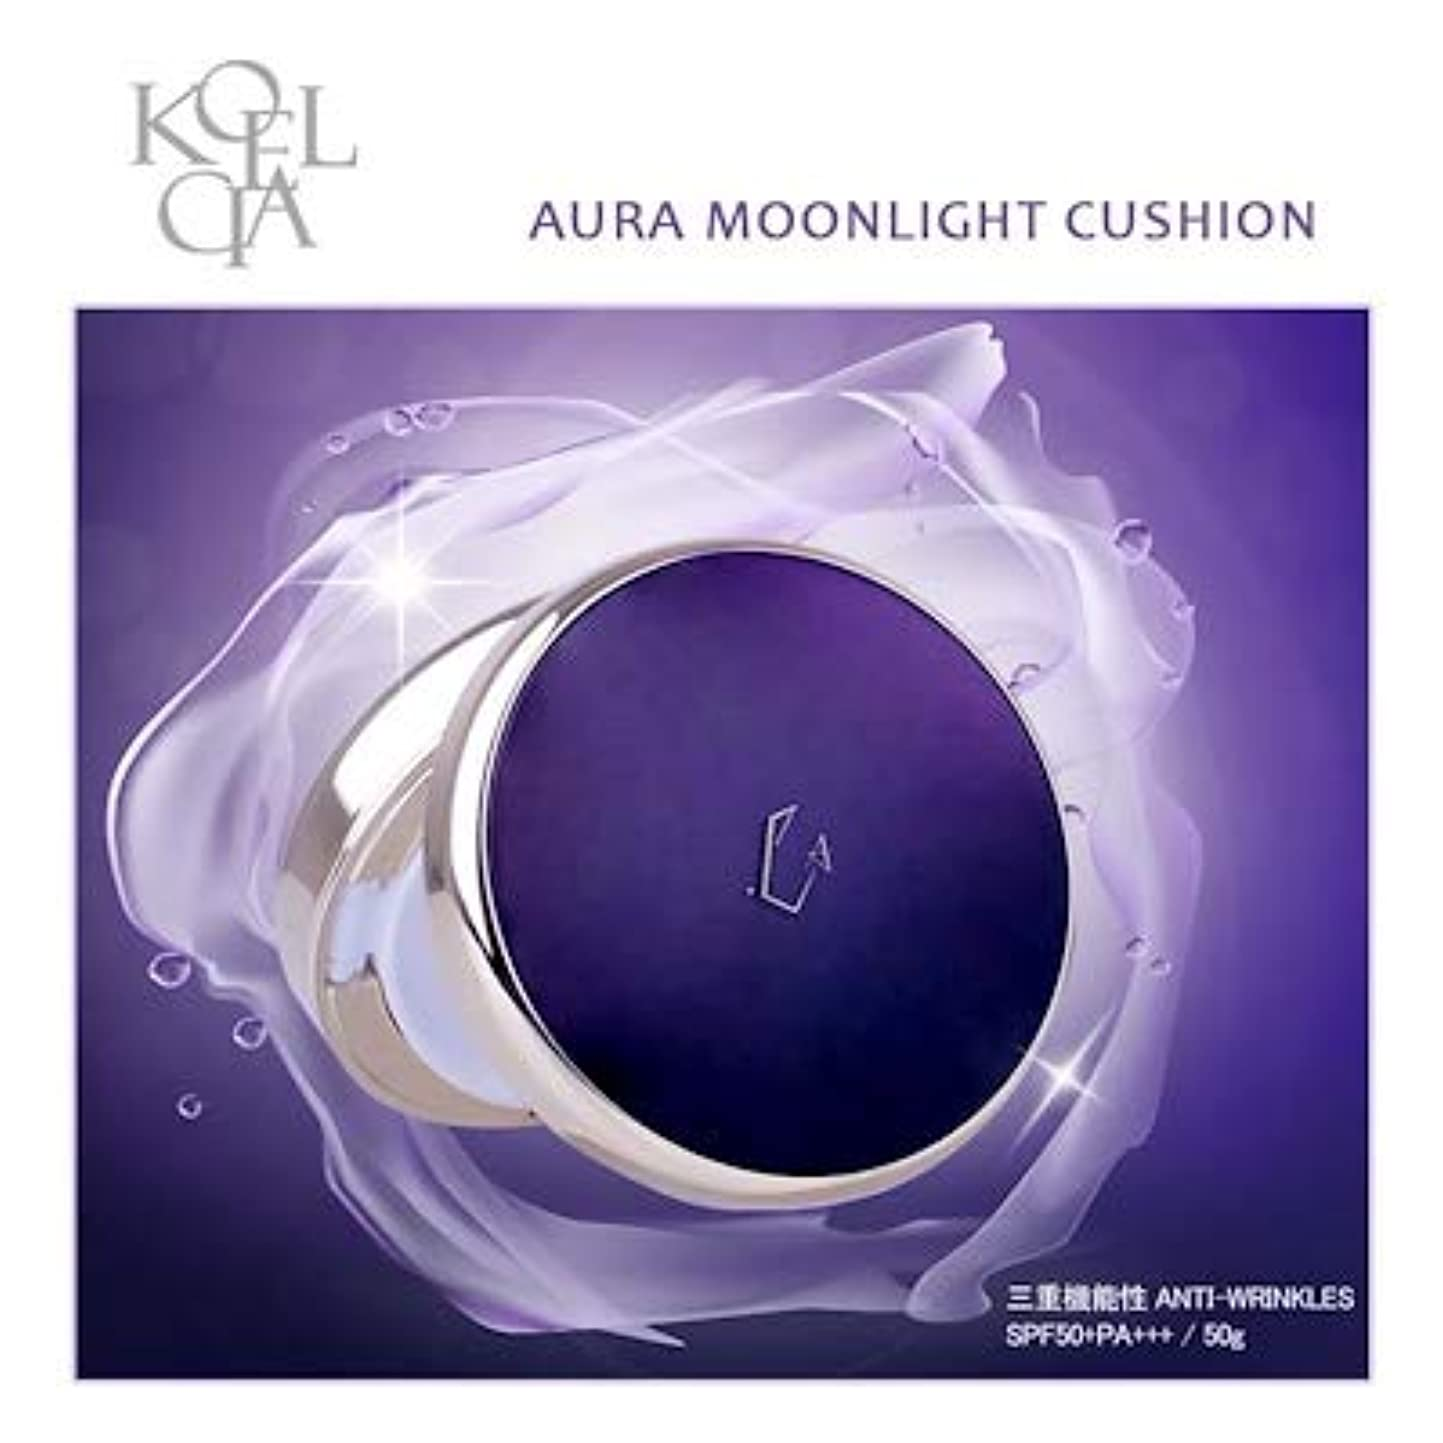 カニ醜い国歌KOELCIA Aura Moonlight Cushion 14g No.21(Light Beige) クッション 三重機能性Anti-Wrinkles(SPF50+PA+++ / 14g)完全新商品!!/Korea Cosmetics